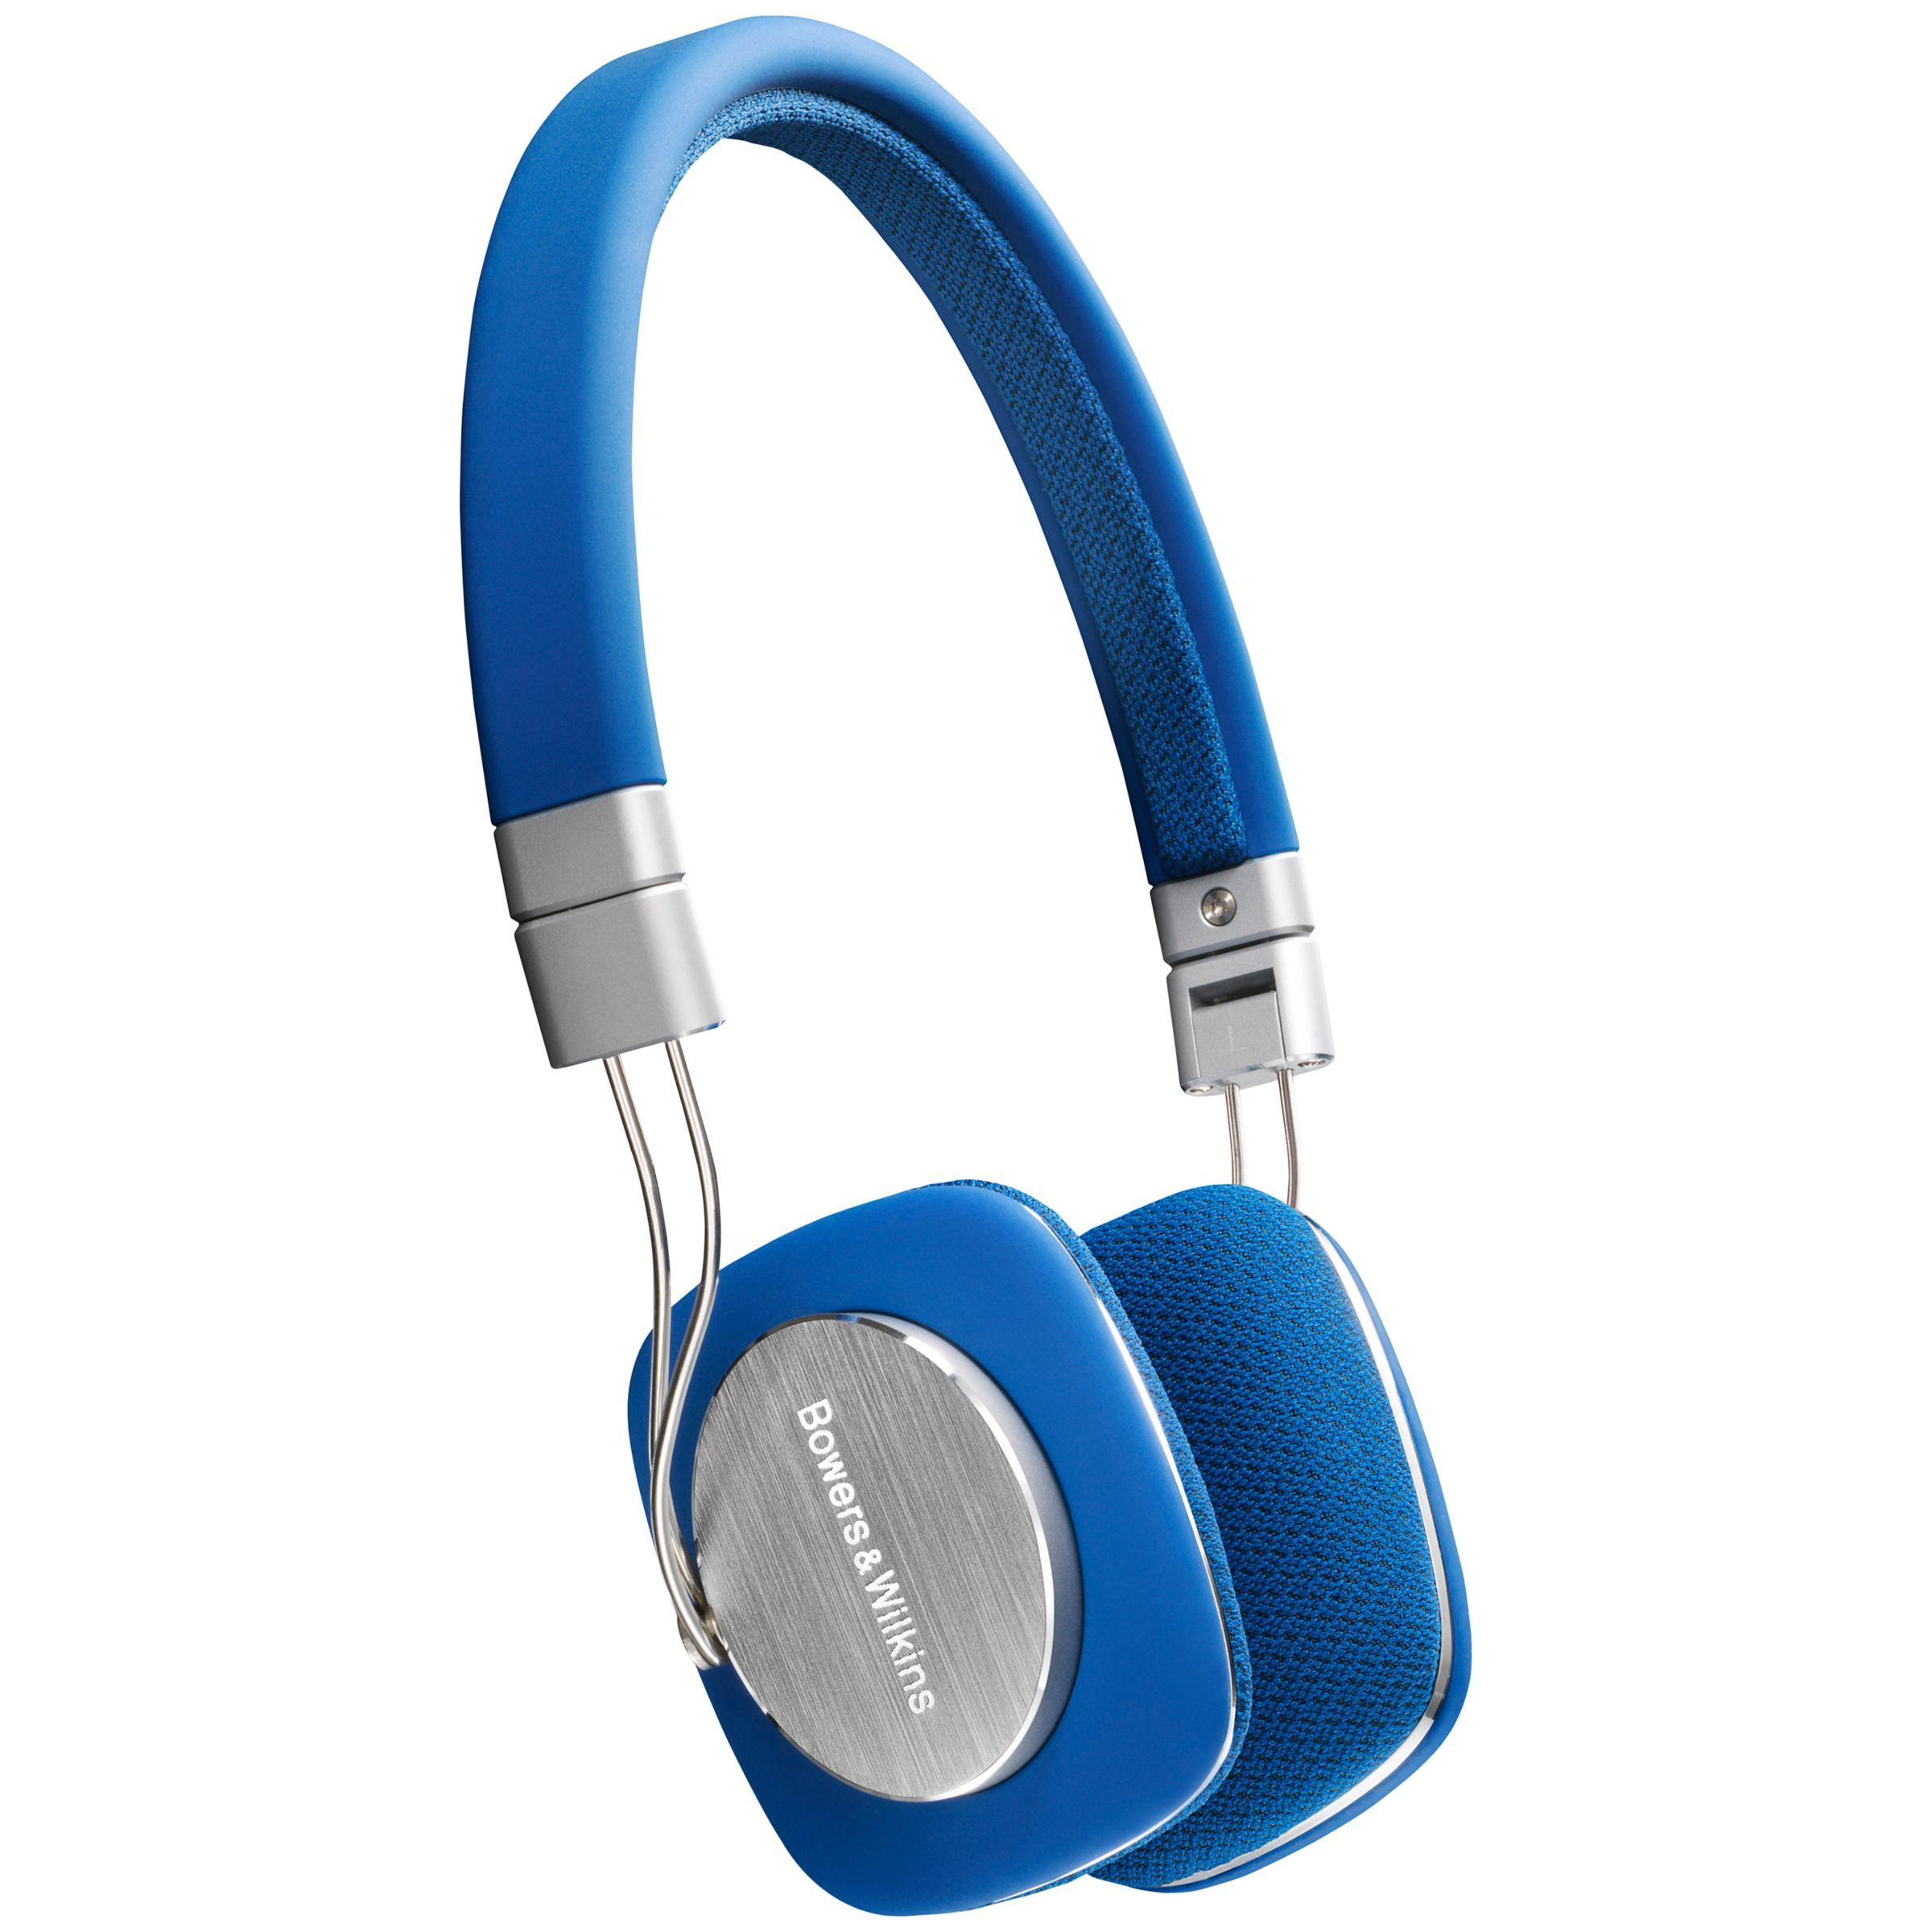 Bowers & Wilkins Bowers & Wilkins P3 On-Ear Headphones